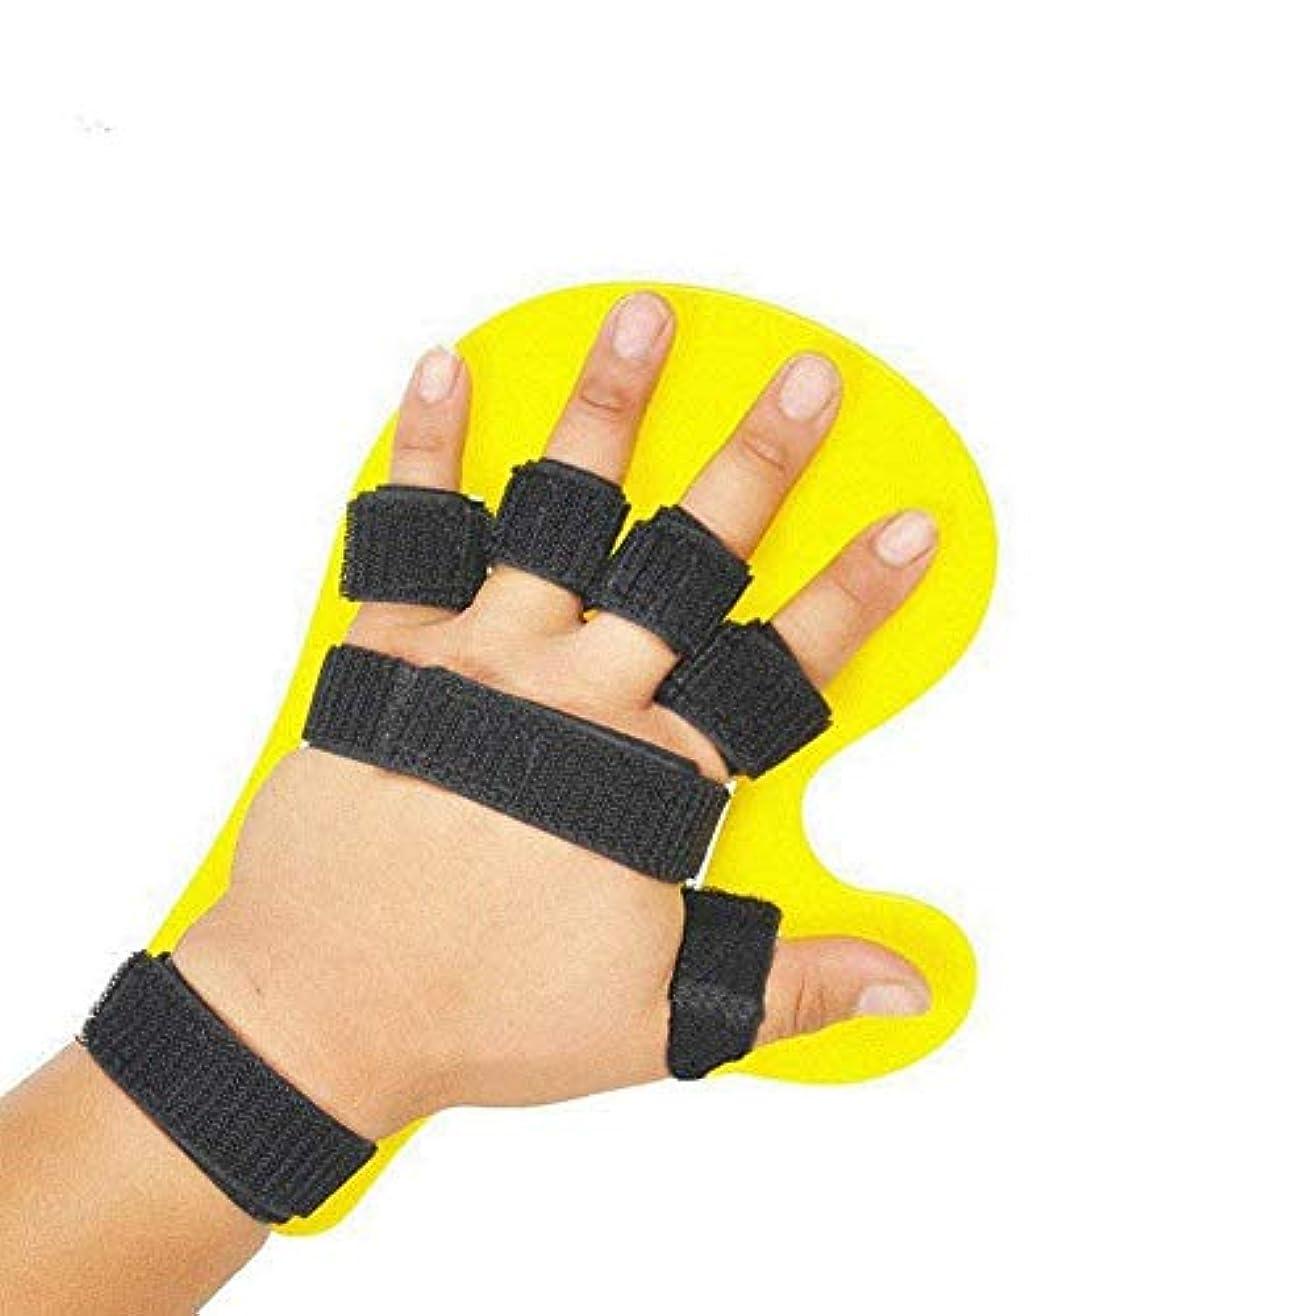 危険を冒します前提先祖片麻痺の患者を支援するためのトリガー指スプリント、指板ハンドトレーニングABS調整可能な指リハビリ,2PCS